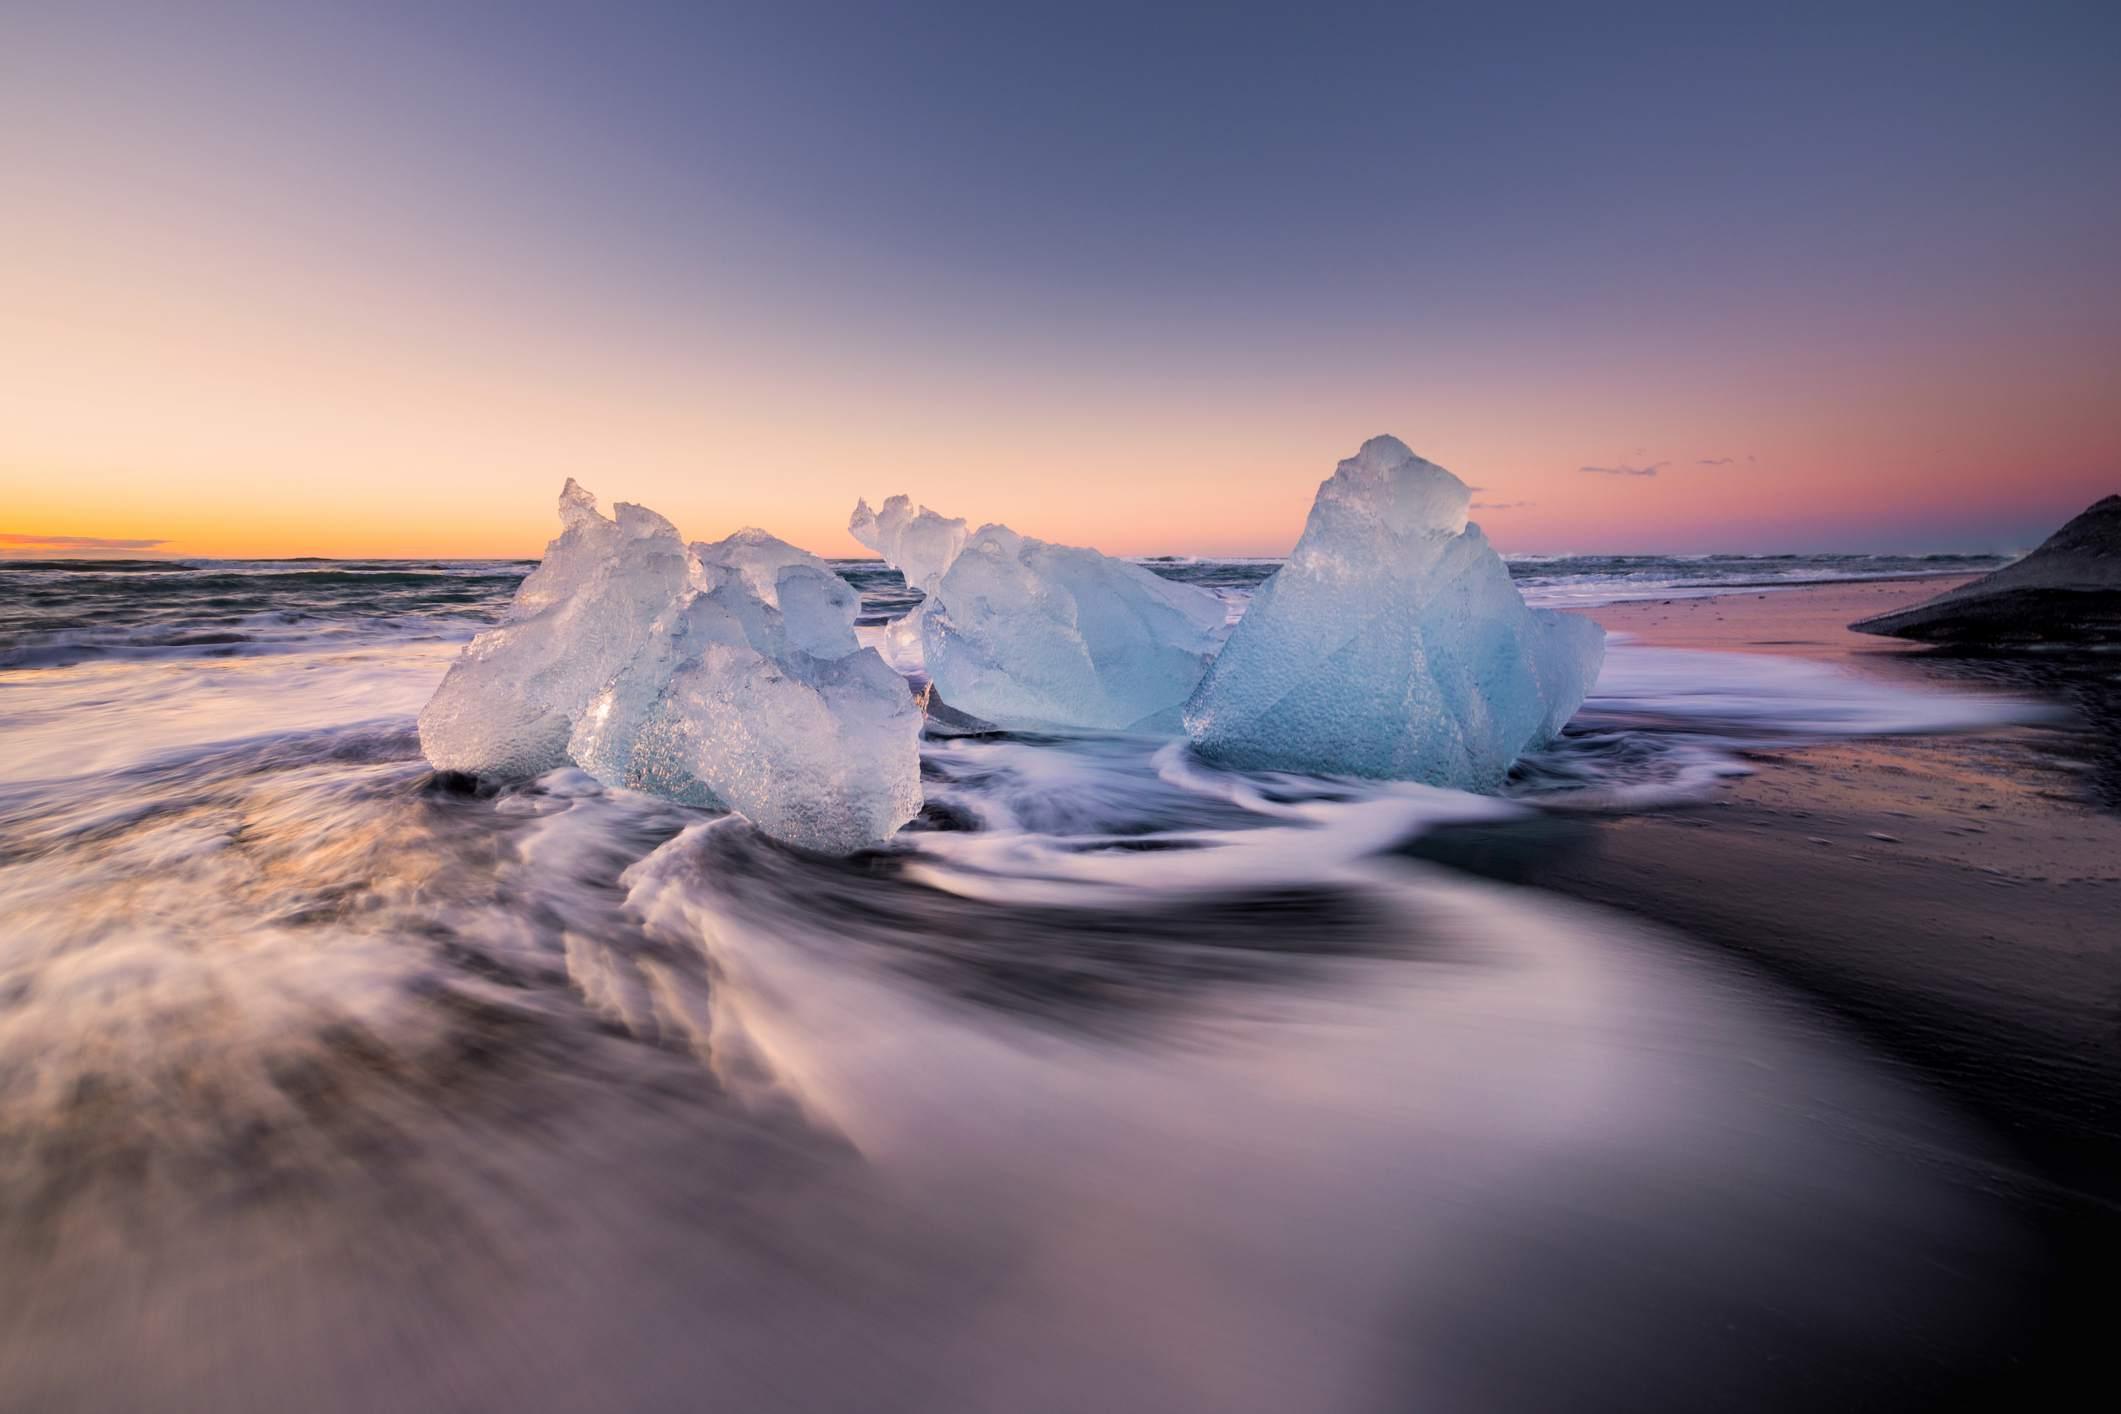 Sunset at Diamond Beach